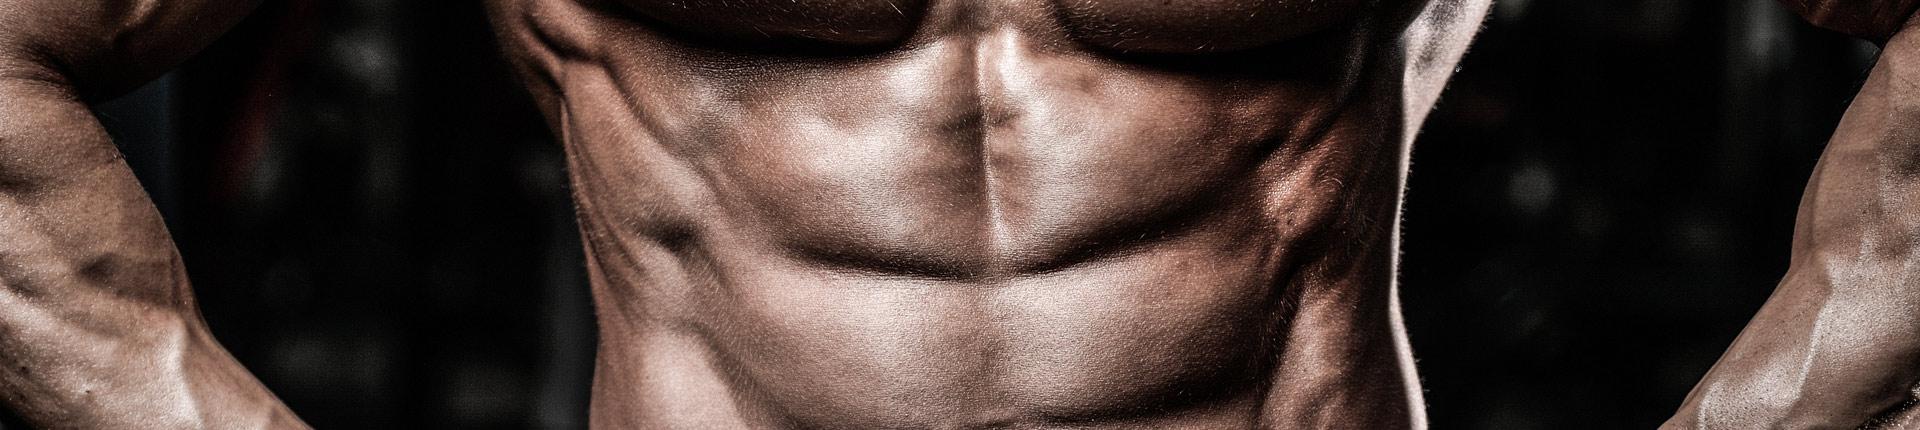 Trening brzucha na wyciągu - wypróbuj te 3 ćwiczenia!